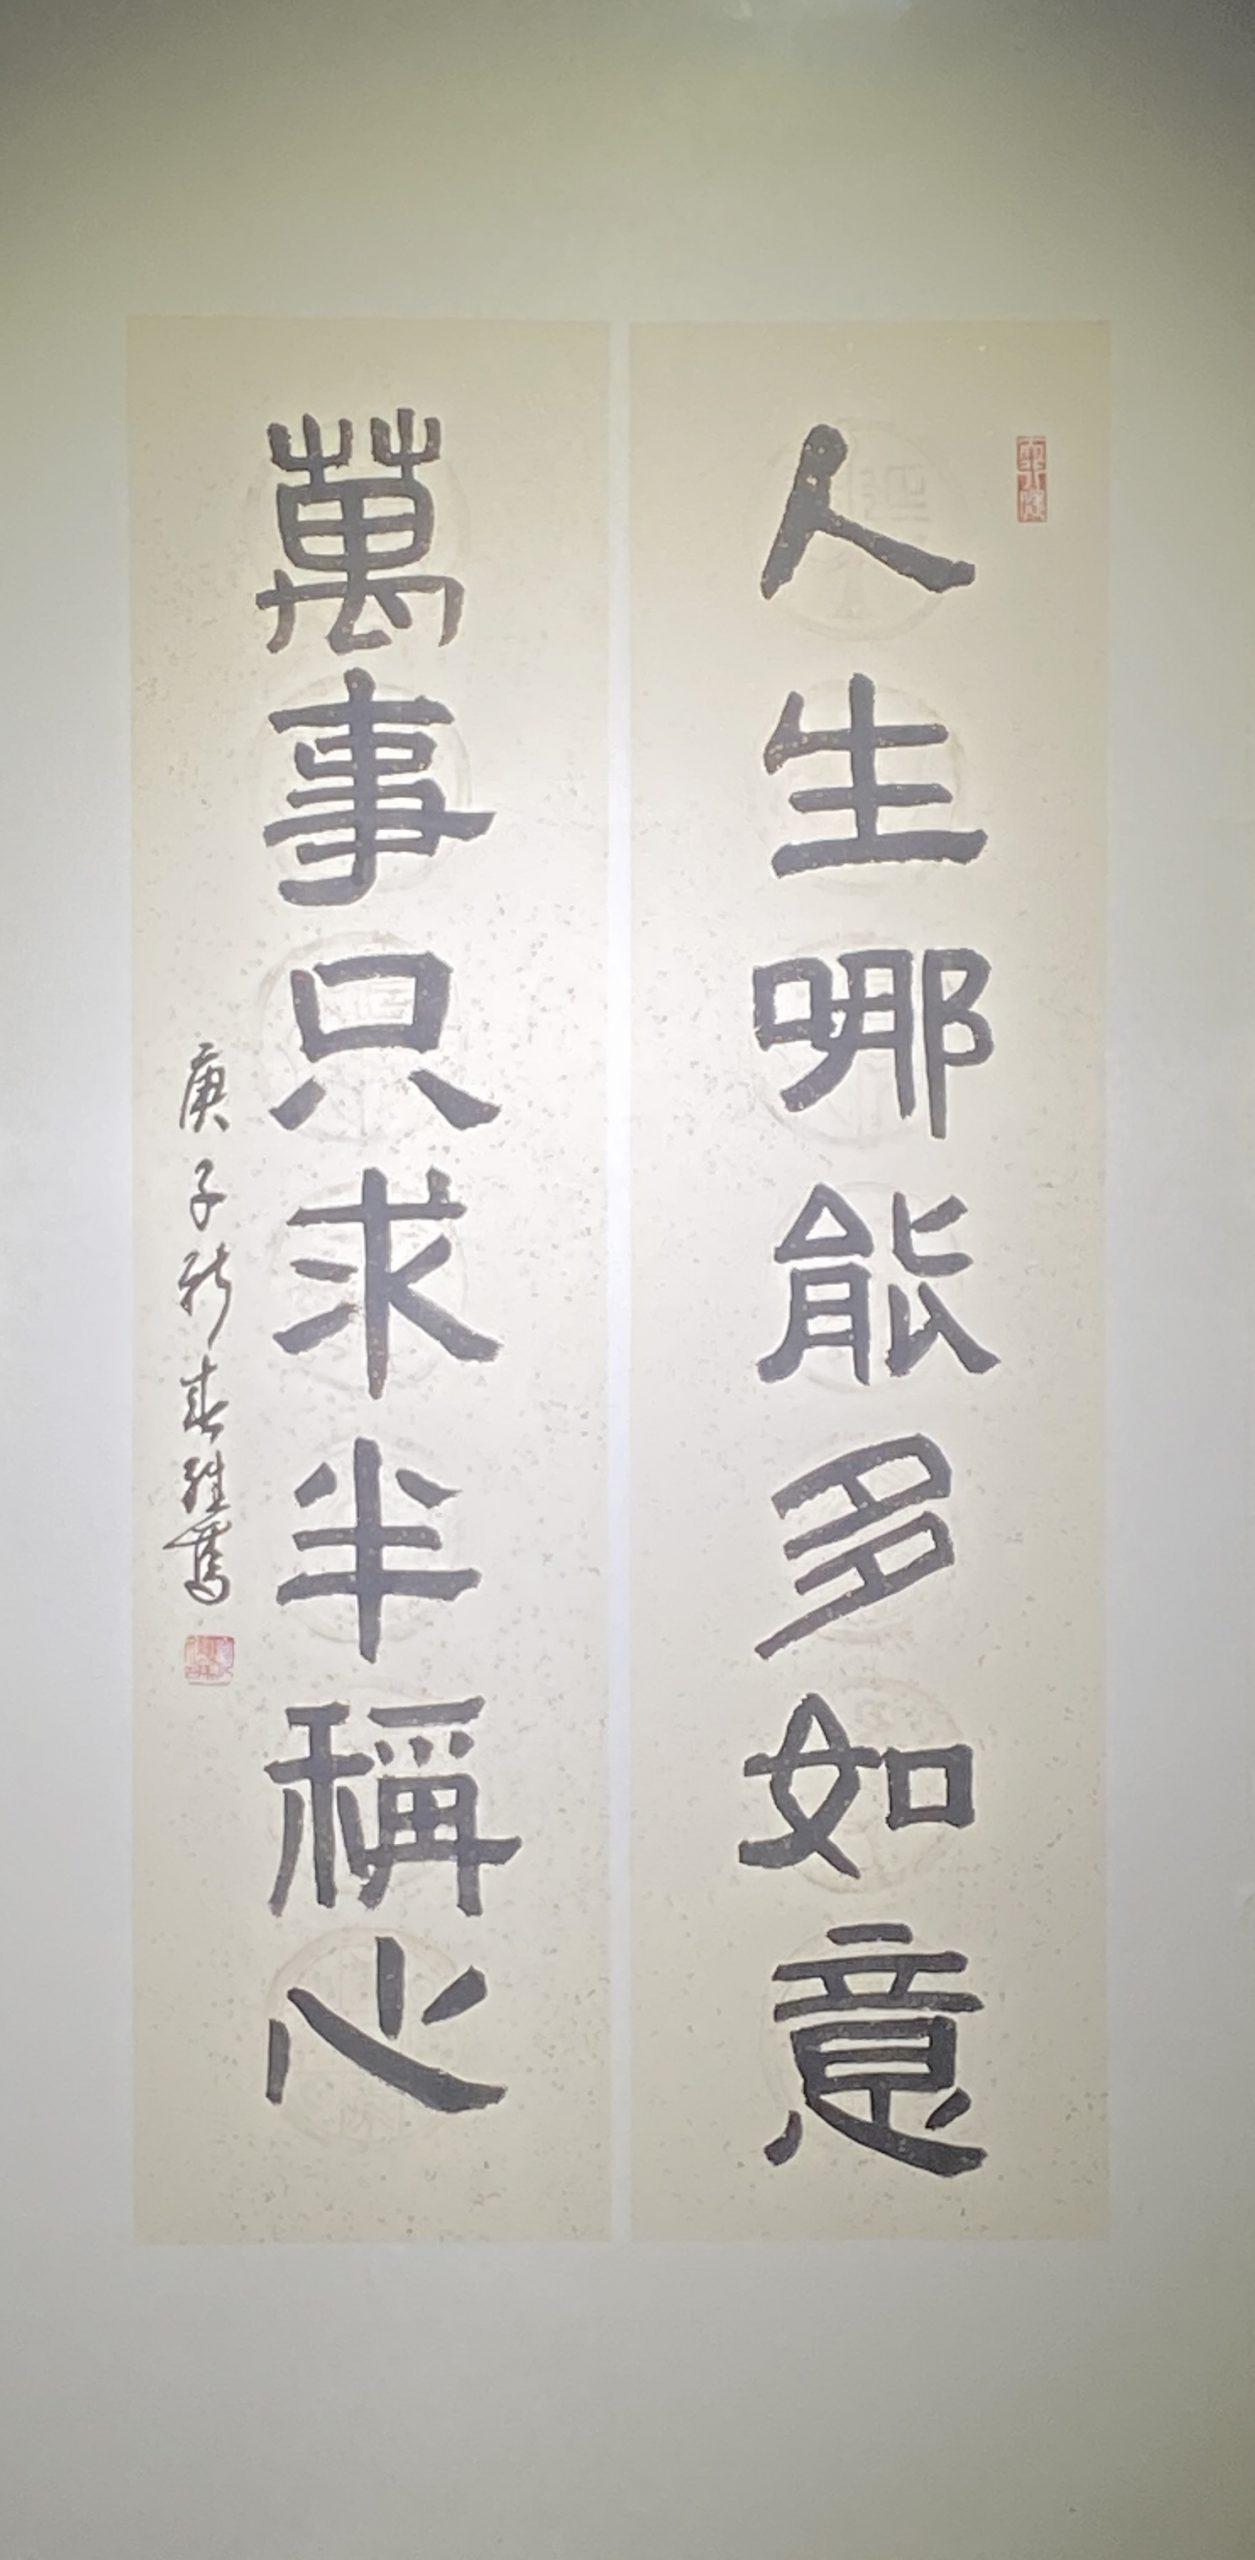 隷書二行連句-2020-書-131×33×2cm-「丹青を振りかけ、詩情を送る-何継篤個人書画展」成都市美術館